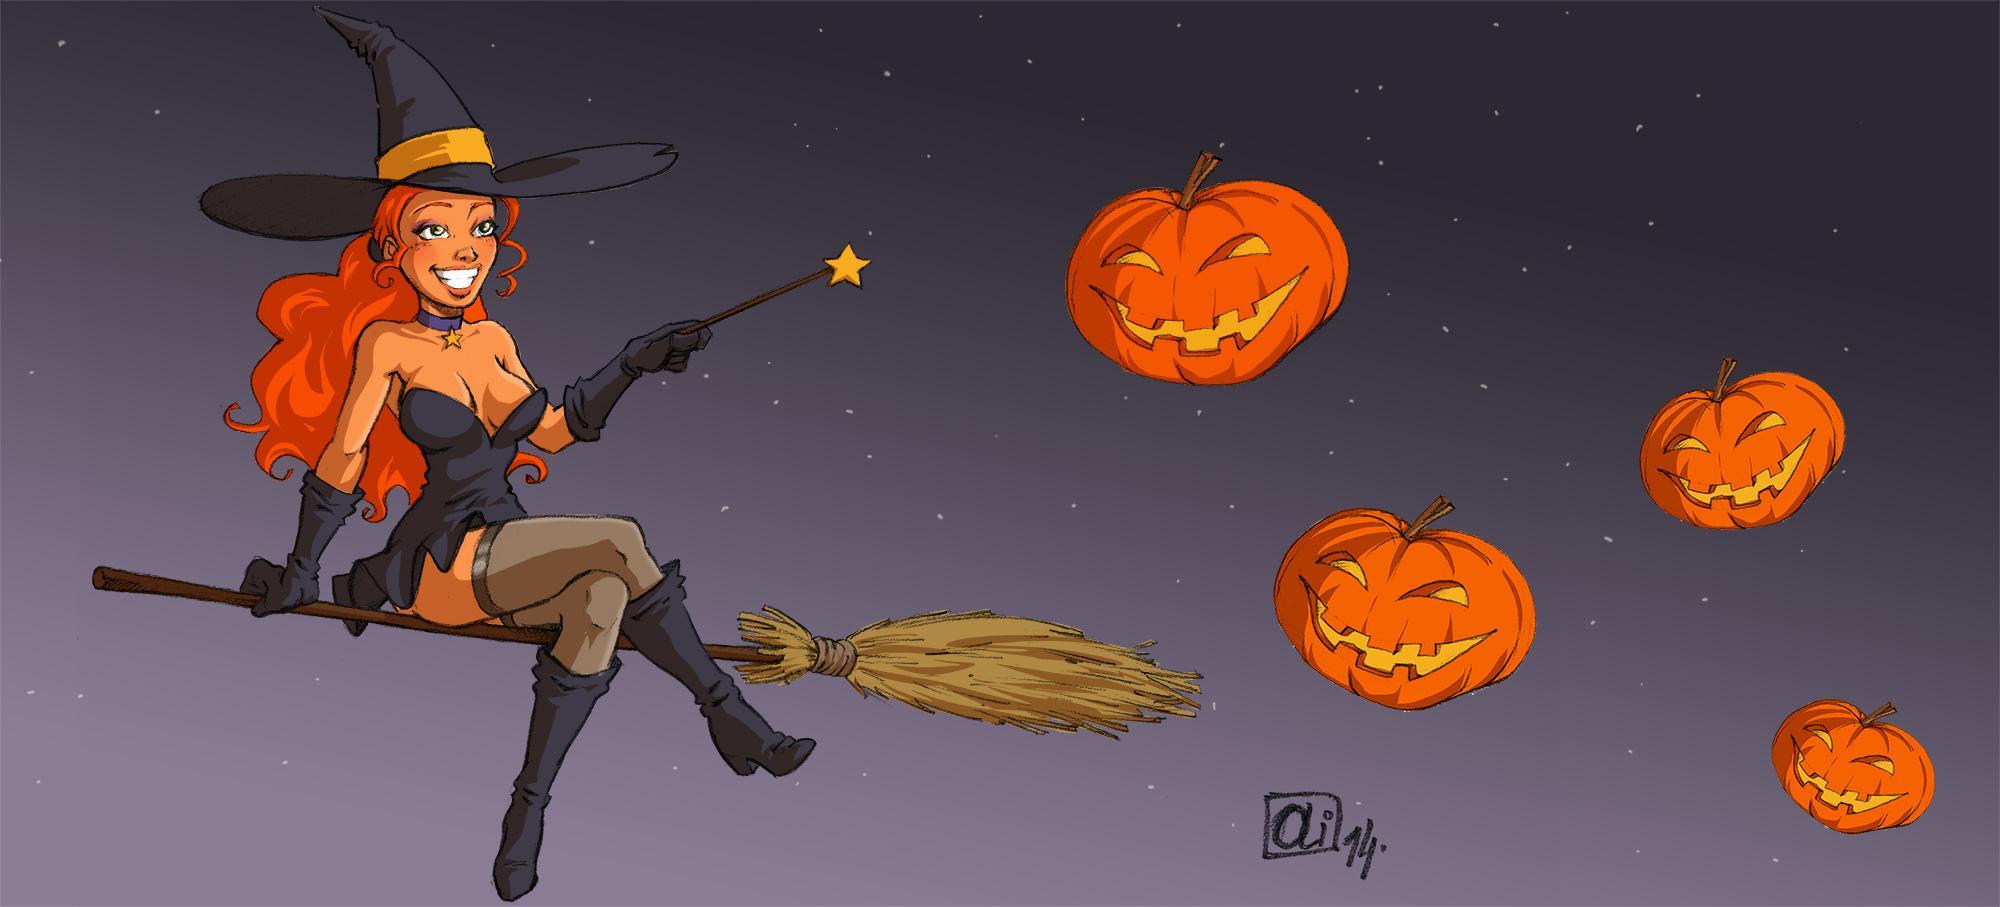 Oli-Halloween-2014-10